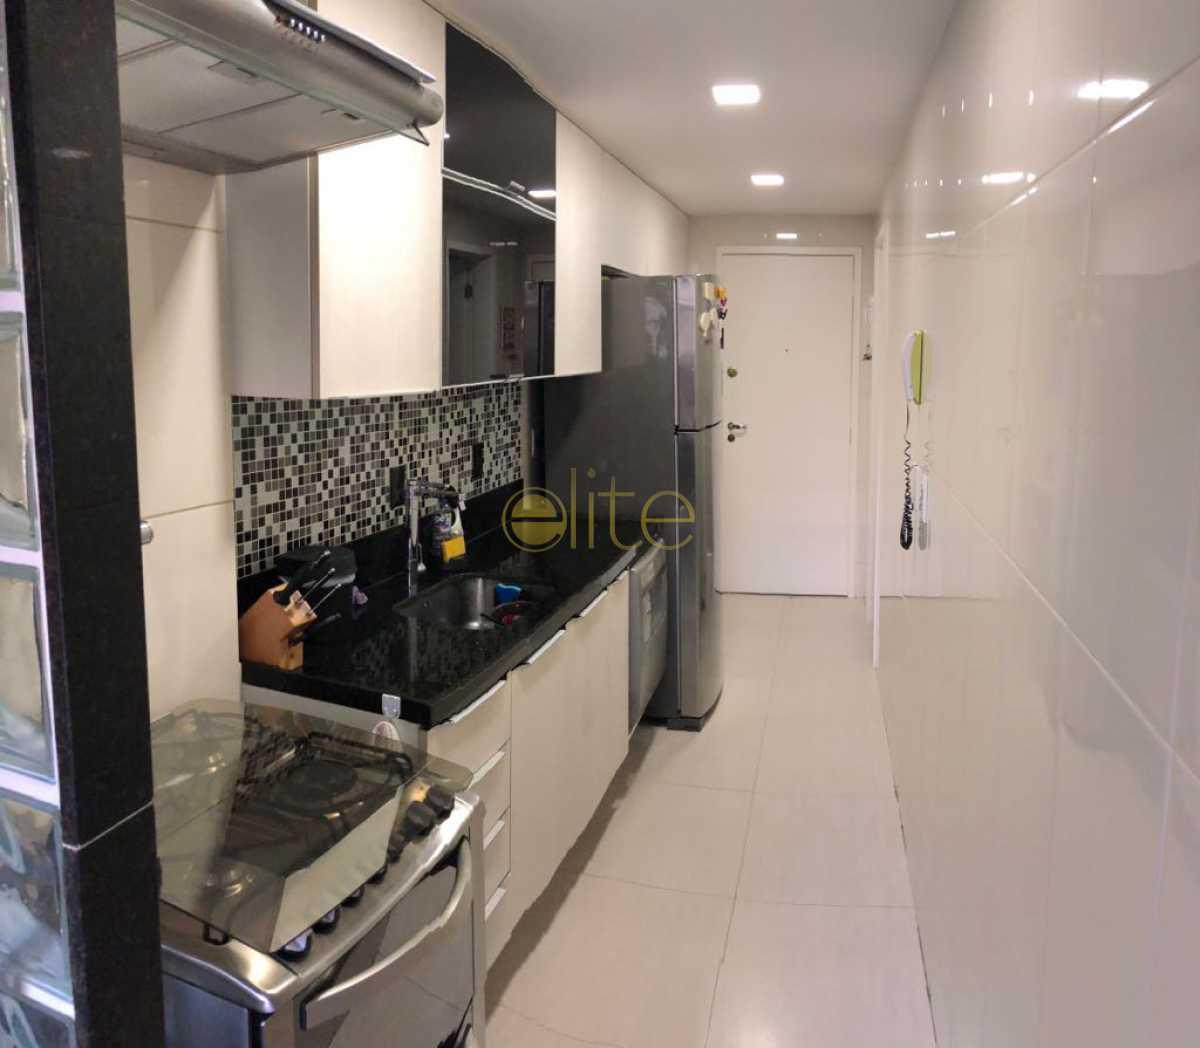 14 - Apartamento Condomínio ABM, Barra da Tijuca, Barra da Tijuca,Rio de Janeiro, RJ À Venda, 3 Quartos, 90m² - EBAP30126 - 19